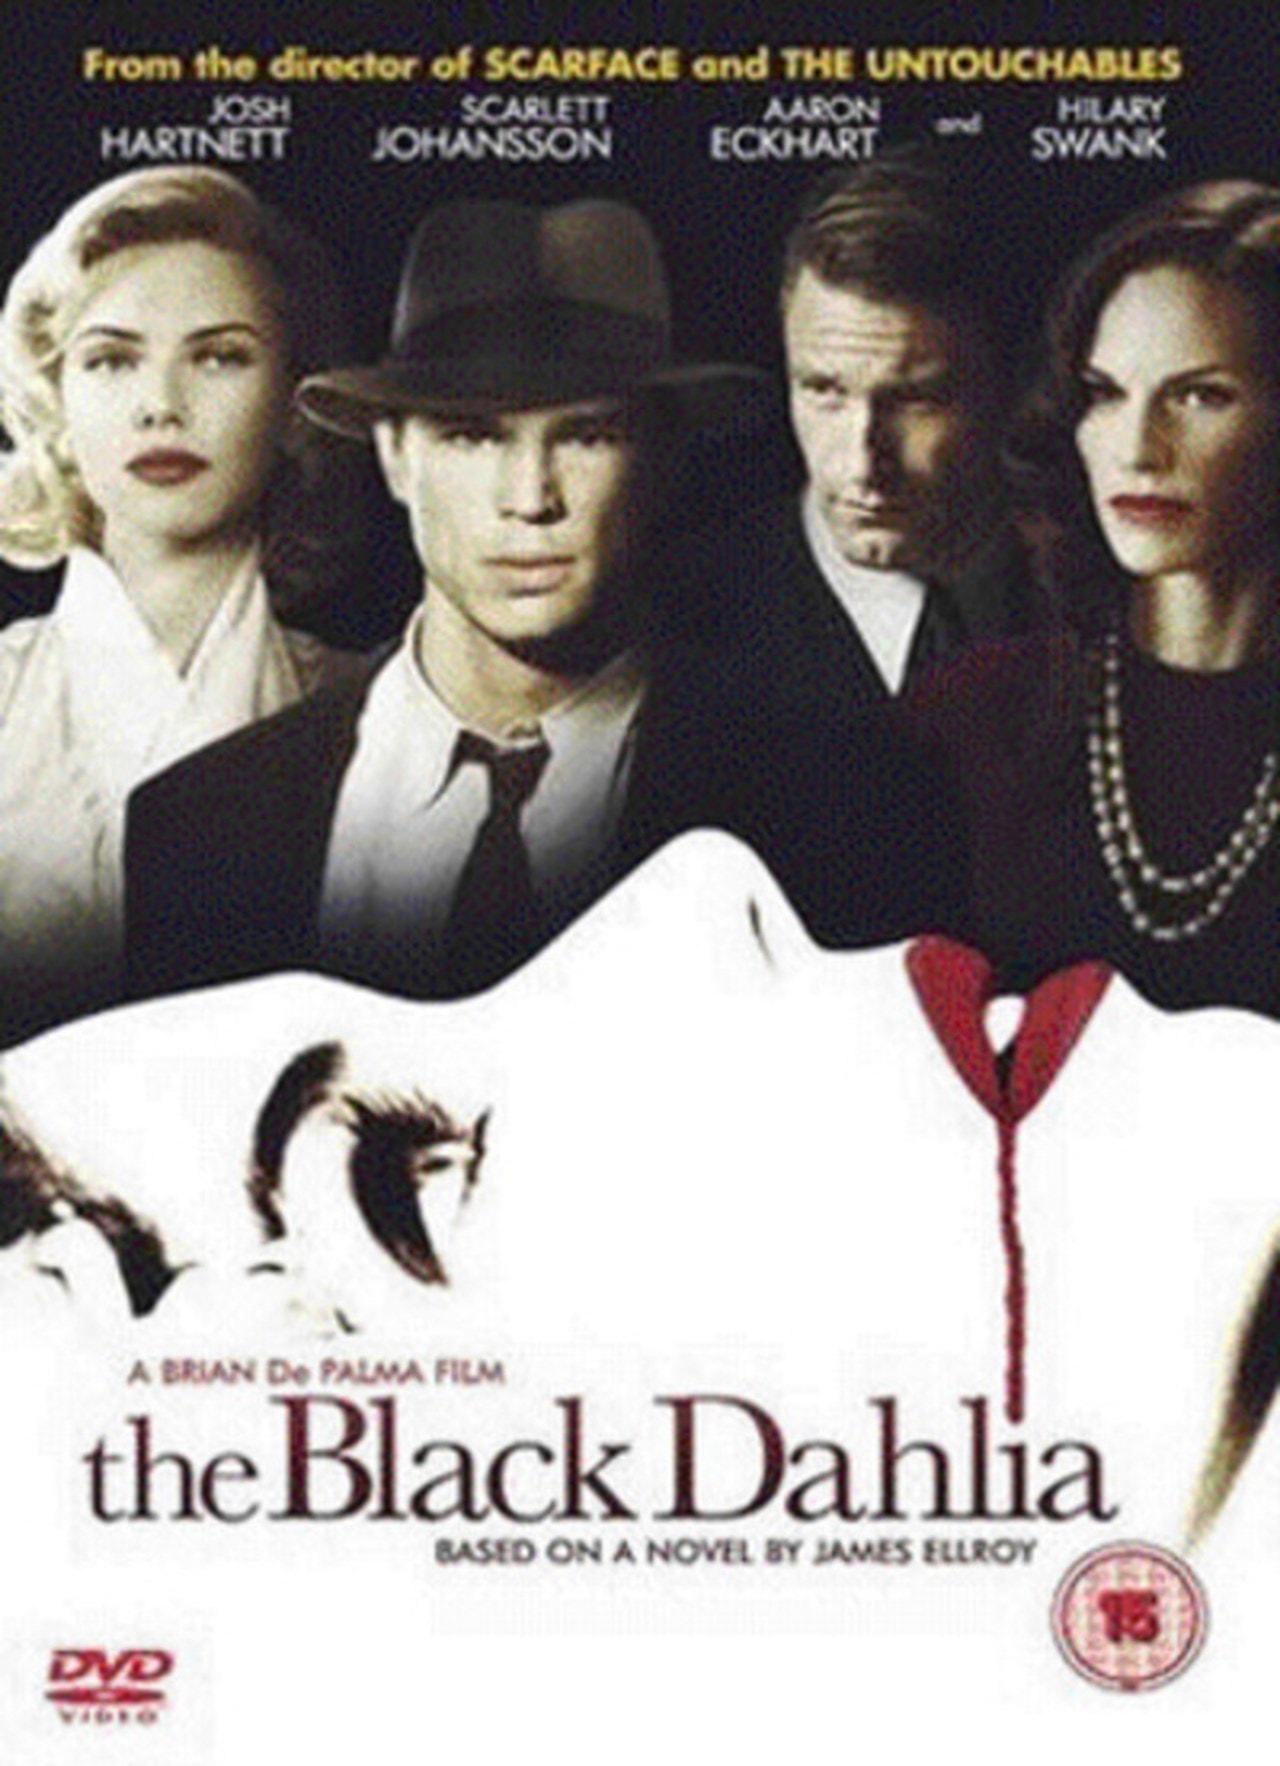 The Black Dahlia - 1